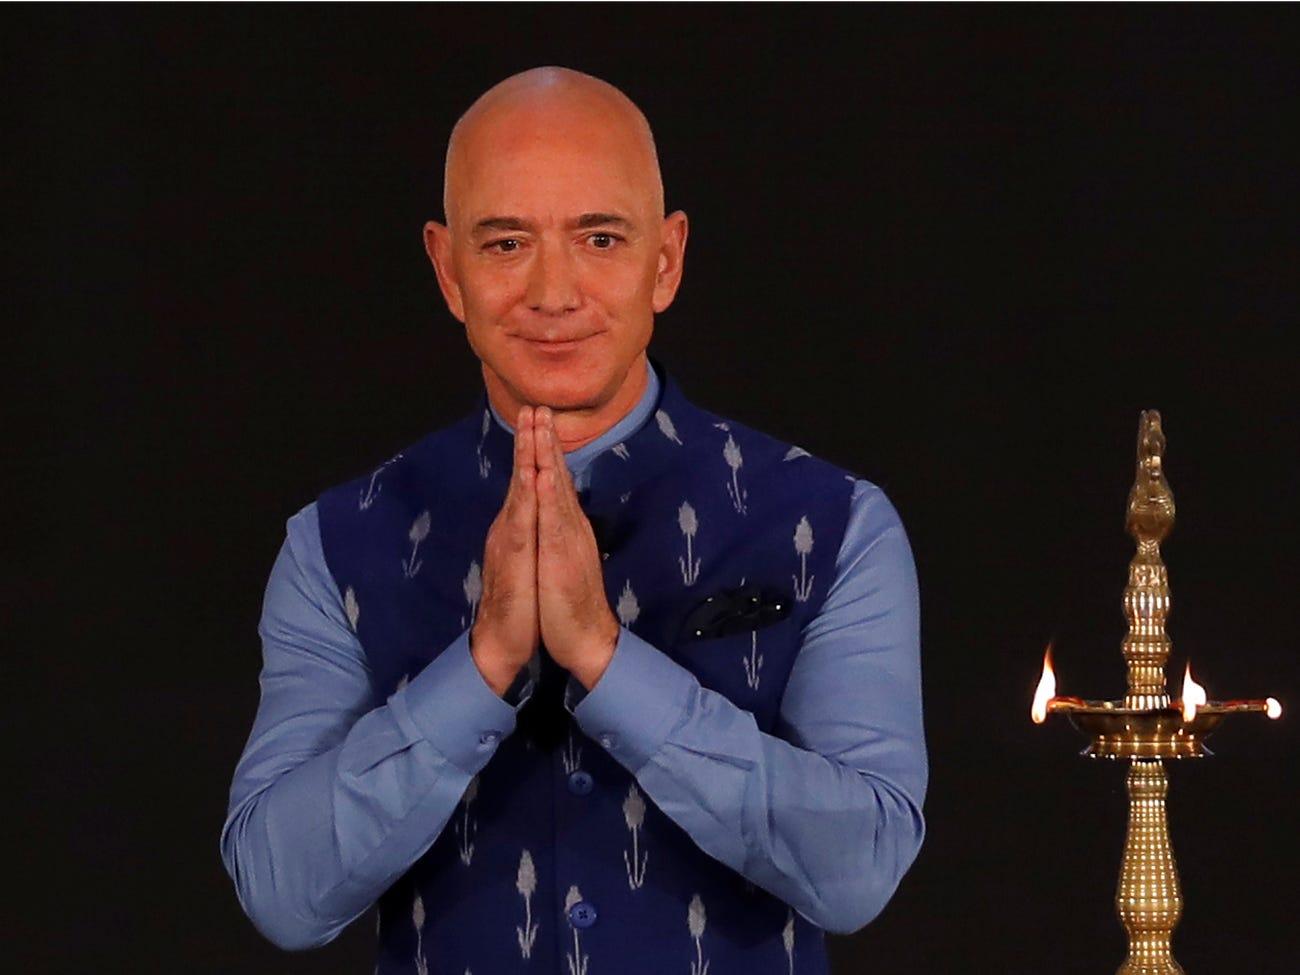 Ông chủ hãng Amazon khẳng định thế kỷ 21 sẽ là thời cơ của Ấn Độ. Vì thế Amazon sẽ phân bổ 1 tỷ USD để giúp 10 triệu doanh nghiệp vừa và nhỏ trên toàn Ấn Độ truy cập trực tuyến vào năm 2025.